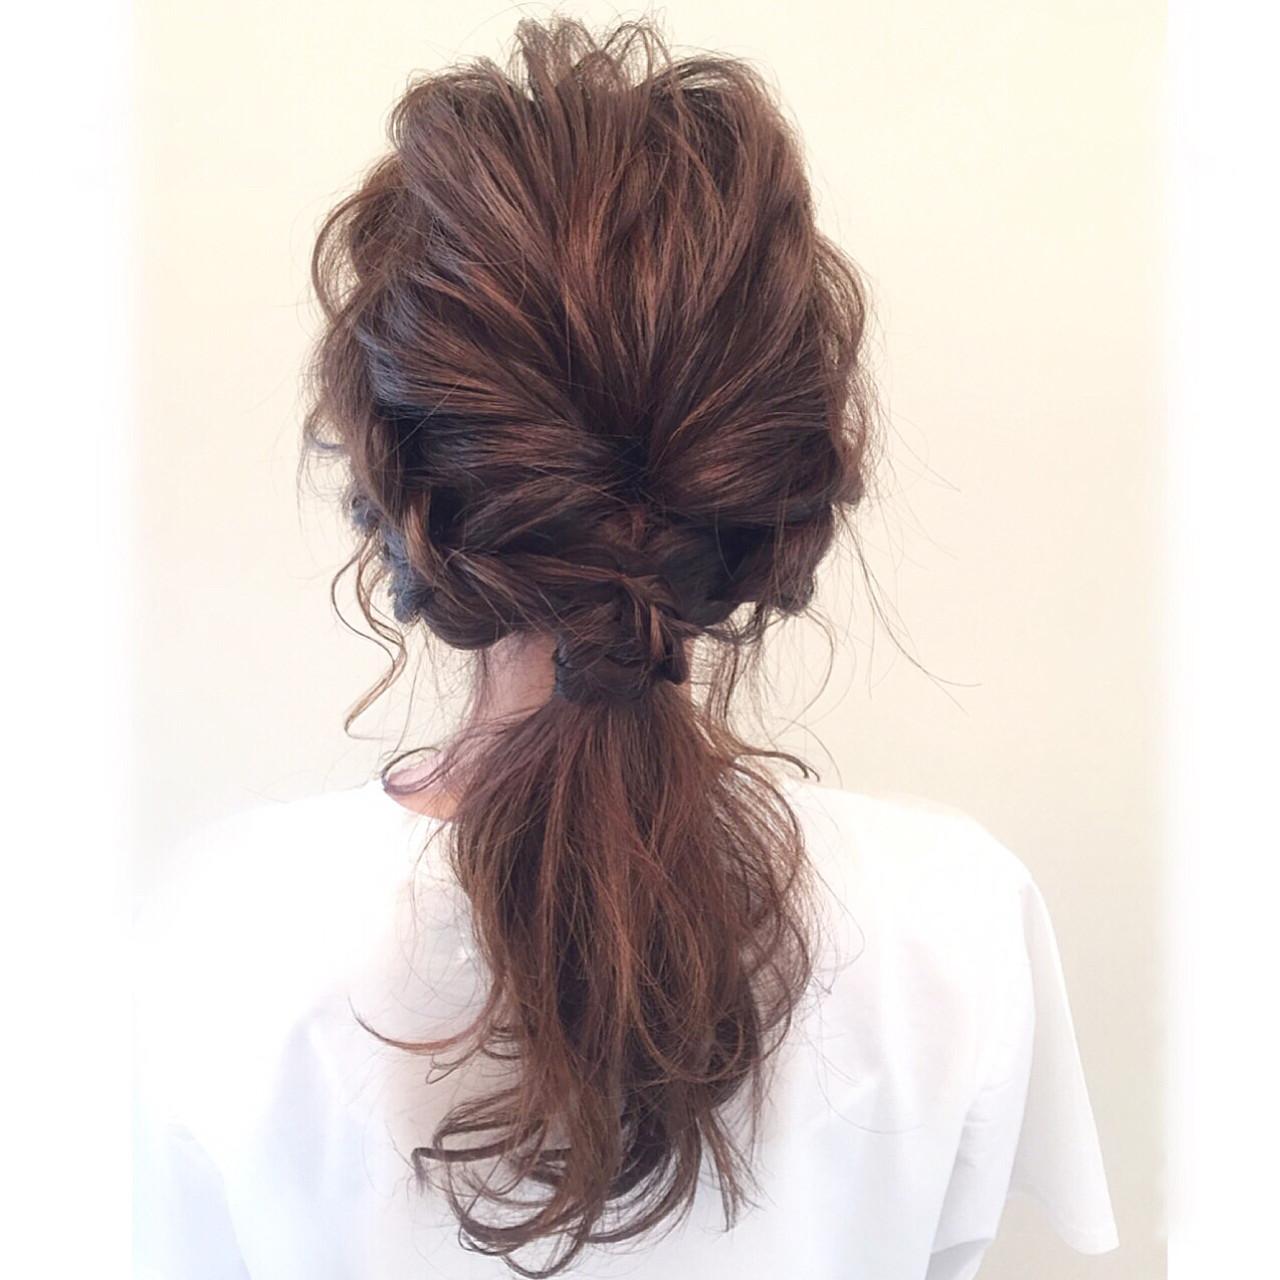 大人女子 ハーフアップ ヘアアレンジ 簡単ヘアアレンジ ヘアスタイルや髪型の写真・画像